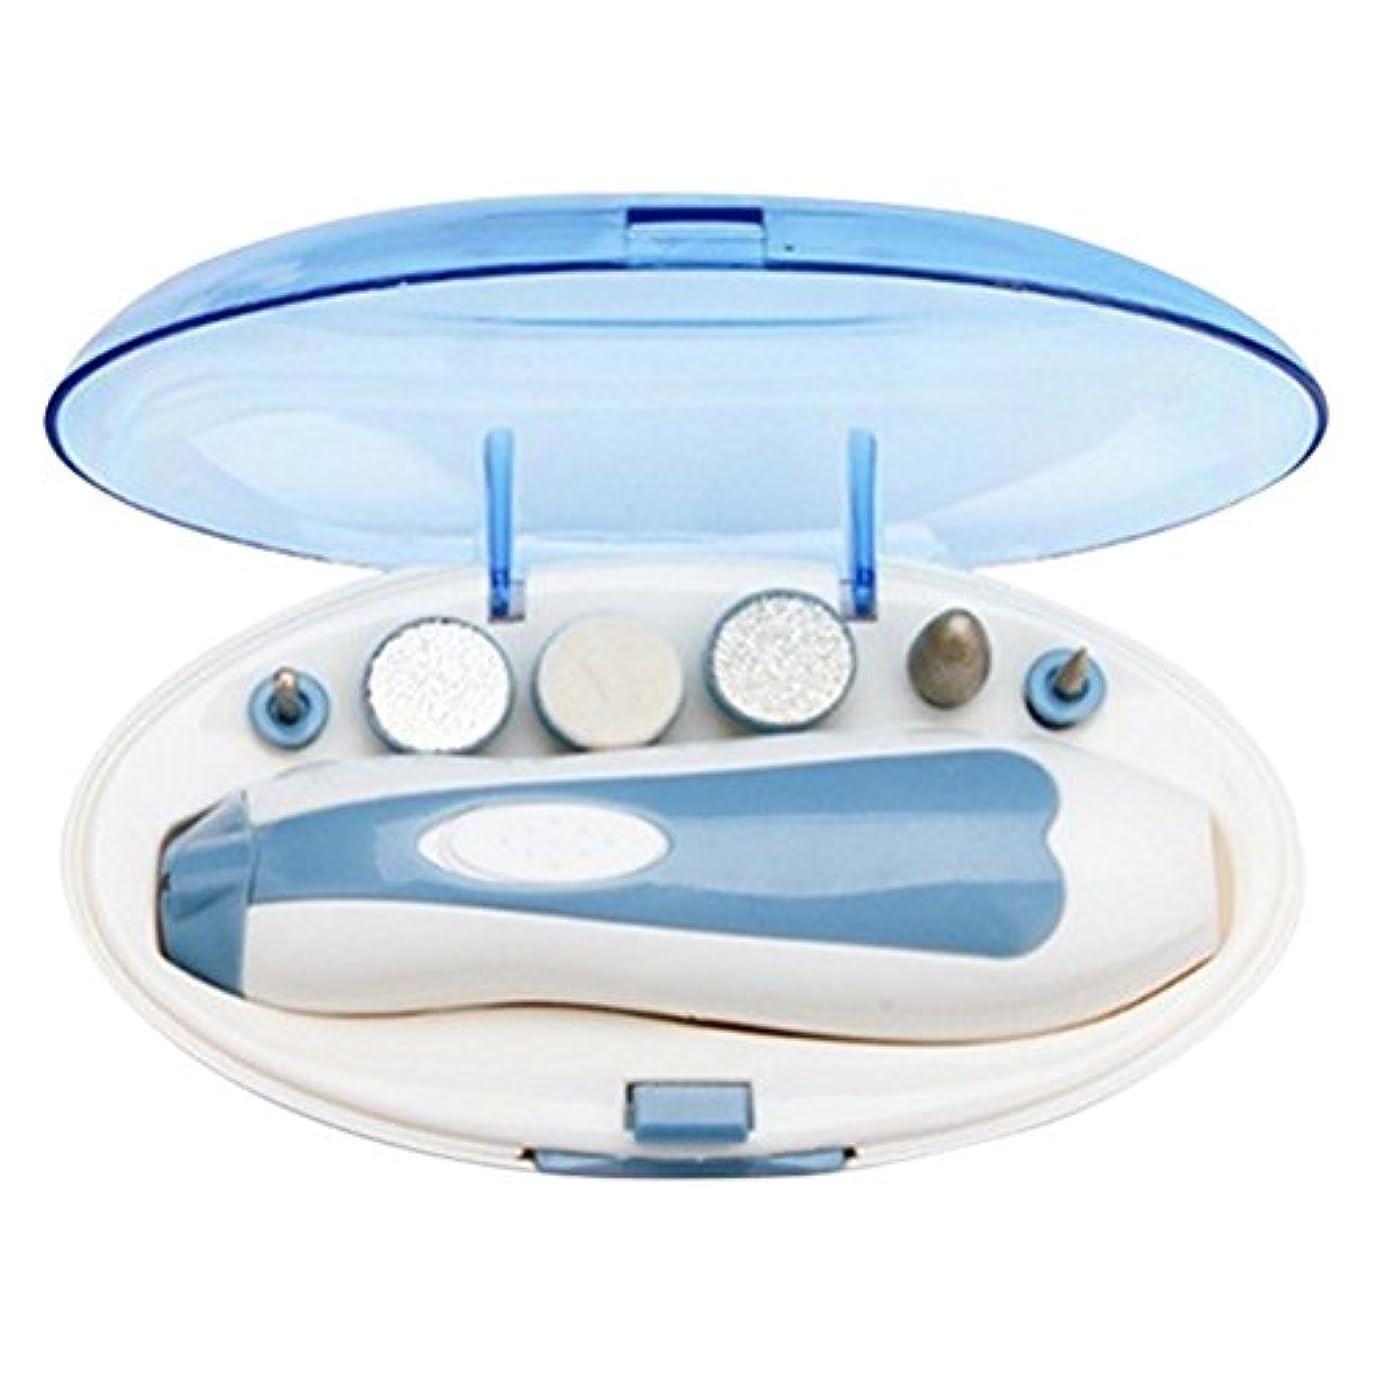 電動式ネイルケア ネイルマシン ネイルマシーン電動爪磨き 電池式 LEDライト搭載 アタッチメント6種類付き 甘皮 角質除去  持ち運び便利 ブルー ケース付